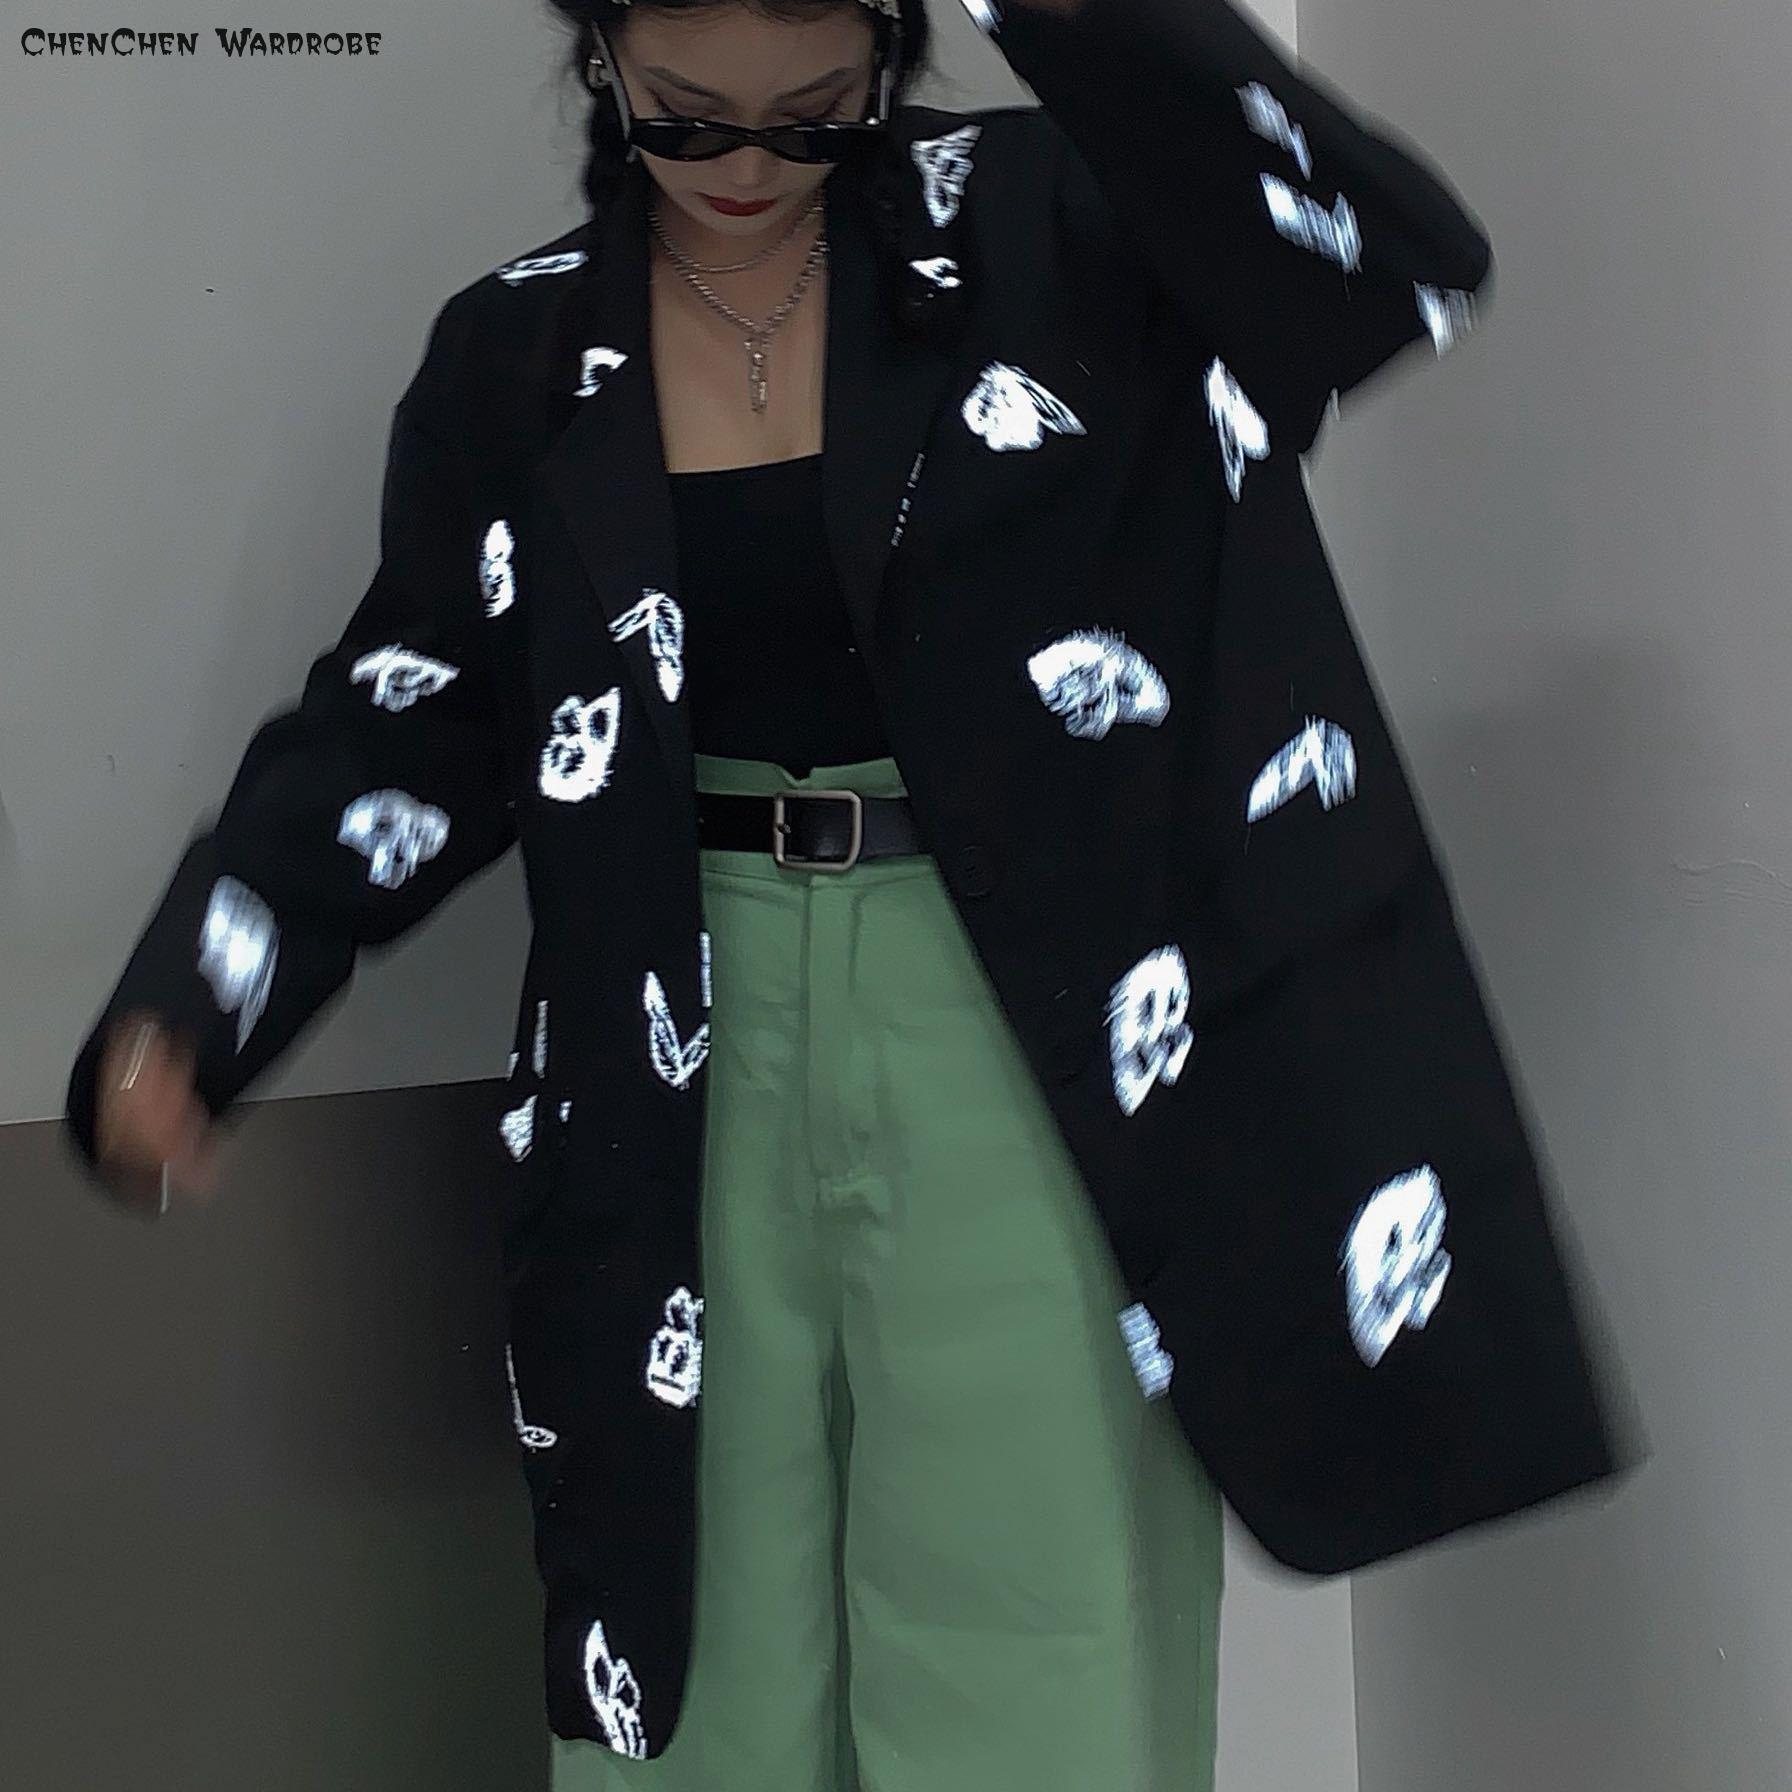 جاكيت بليزر نسائي ، عصري ، صدر واحد ، فراشة مضيئة ، ملابس فضفاضة ، أسود ، أبيض